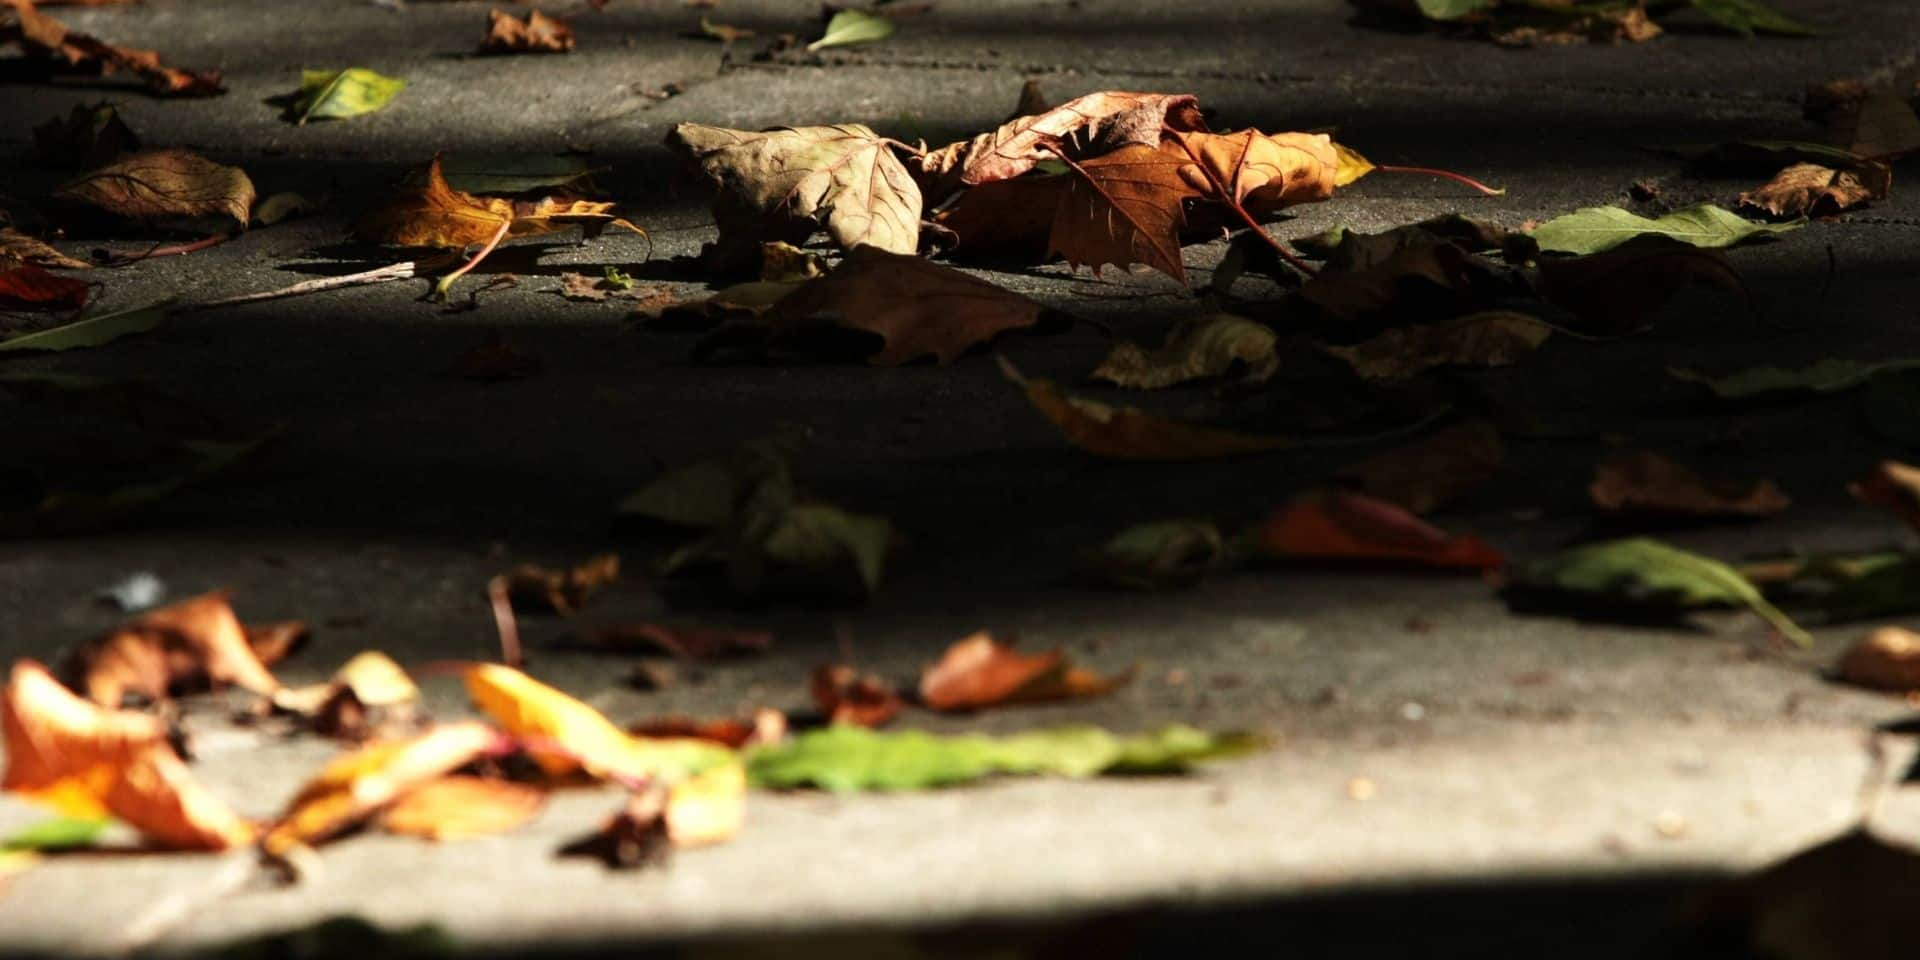 L'automne arrive à peine, mais les feuilles tombent déjà